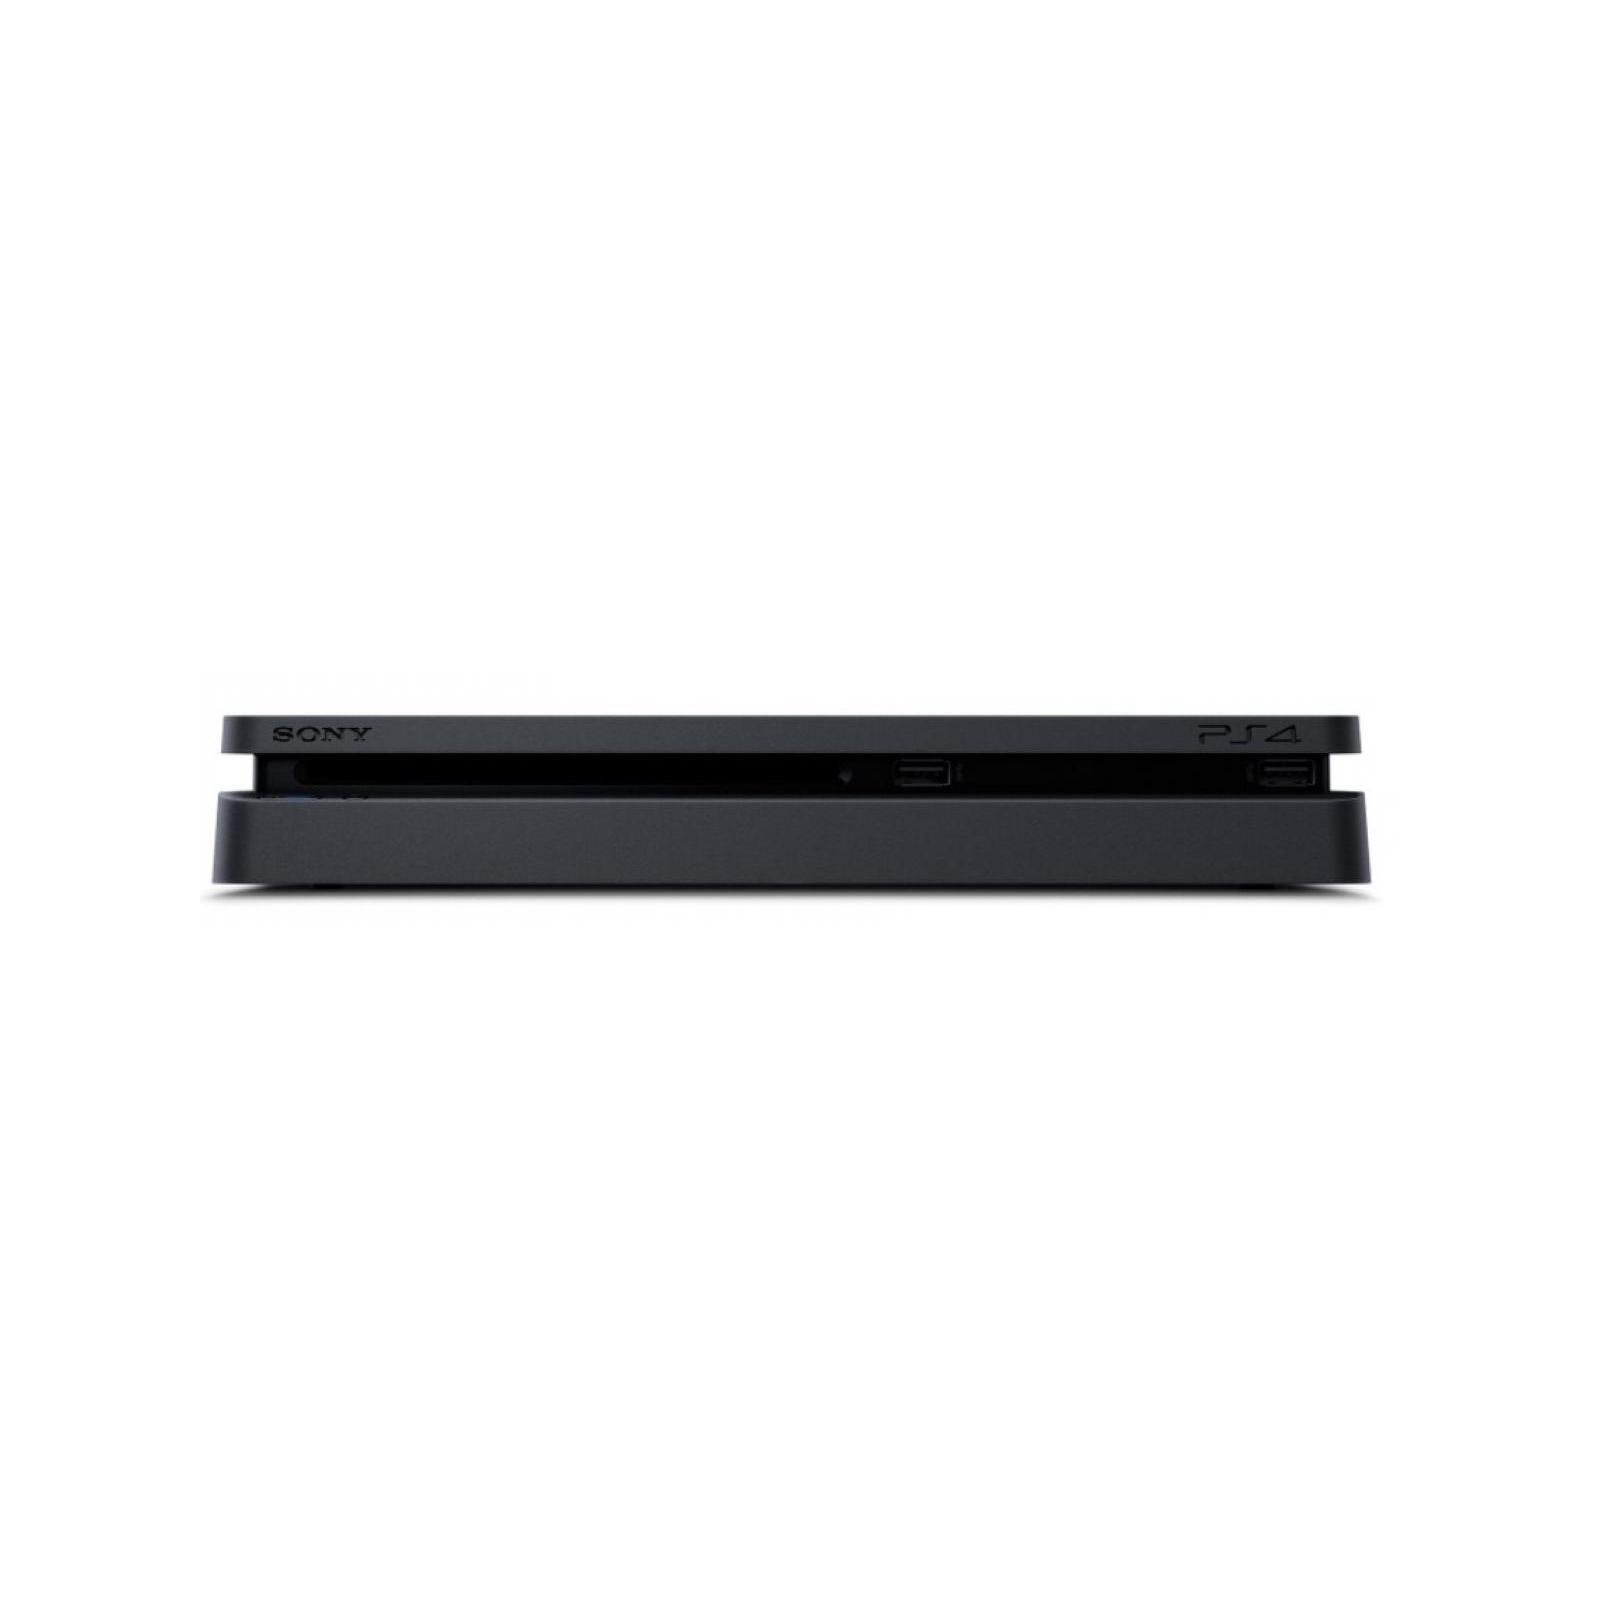 Игровая консоль SONY PlayStation 4 Slim 500 Gb Black (HZD+GTS+UC4+Wargaming+PSPl) (9395270*) изображение 6